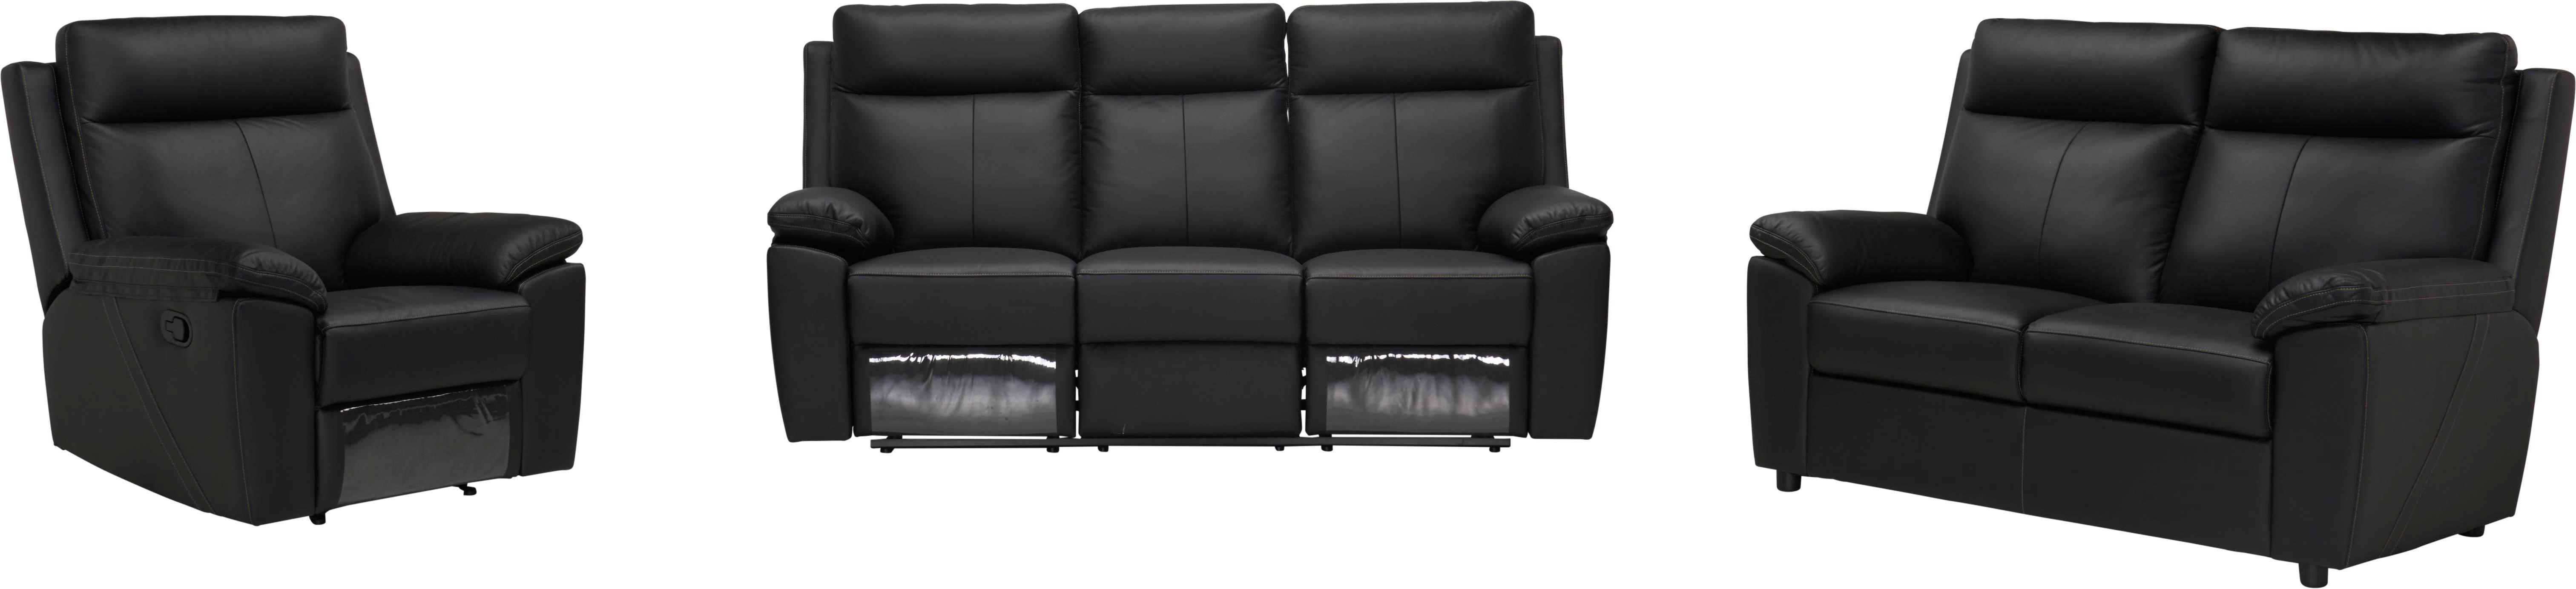 Genial Sofa Garnitur 3 Teilig Leder Sammlung Von